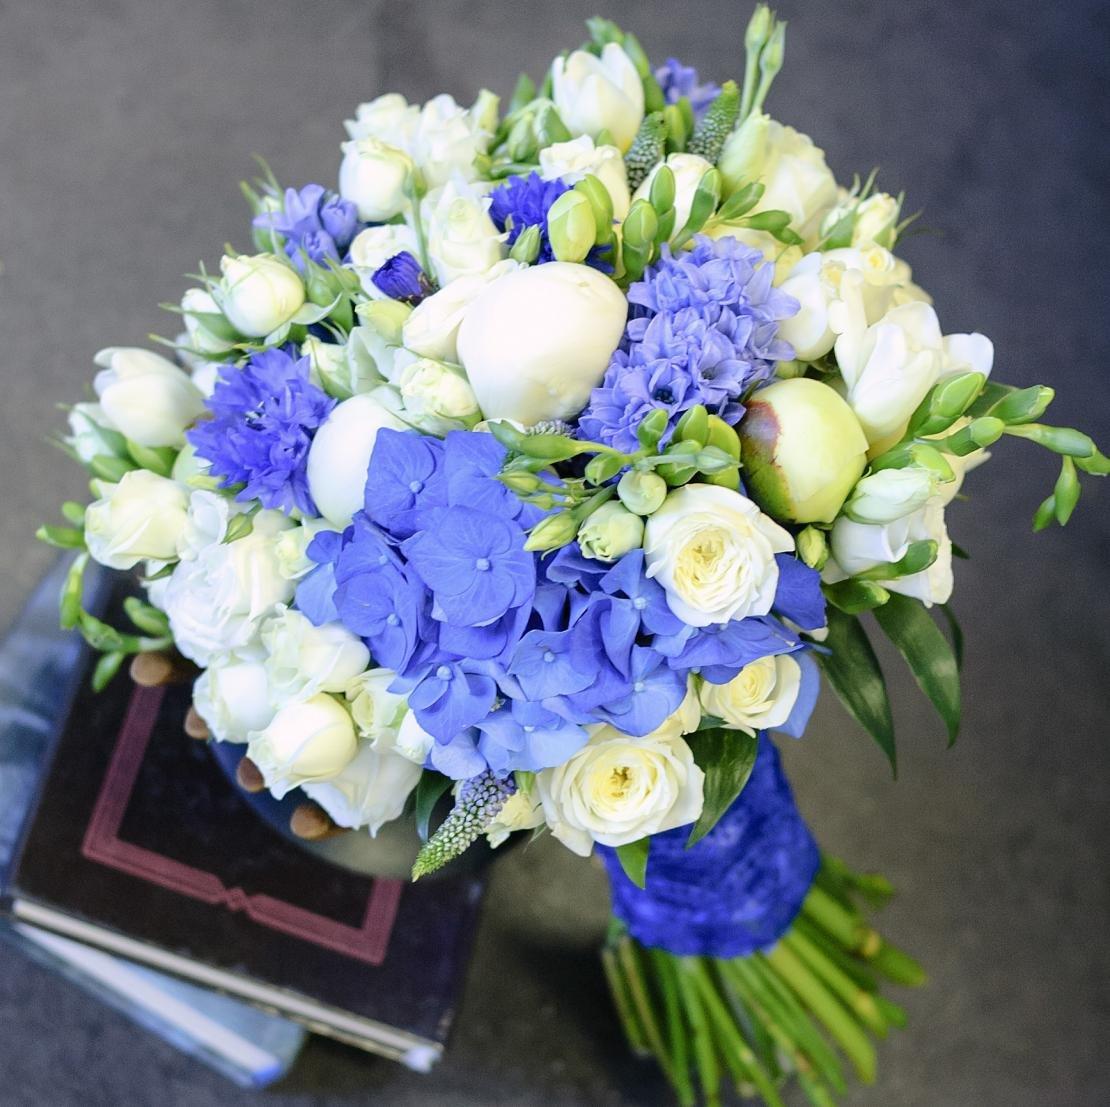 Букет из синей фрезия свадебный, букетах невесты